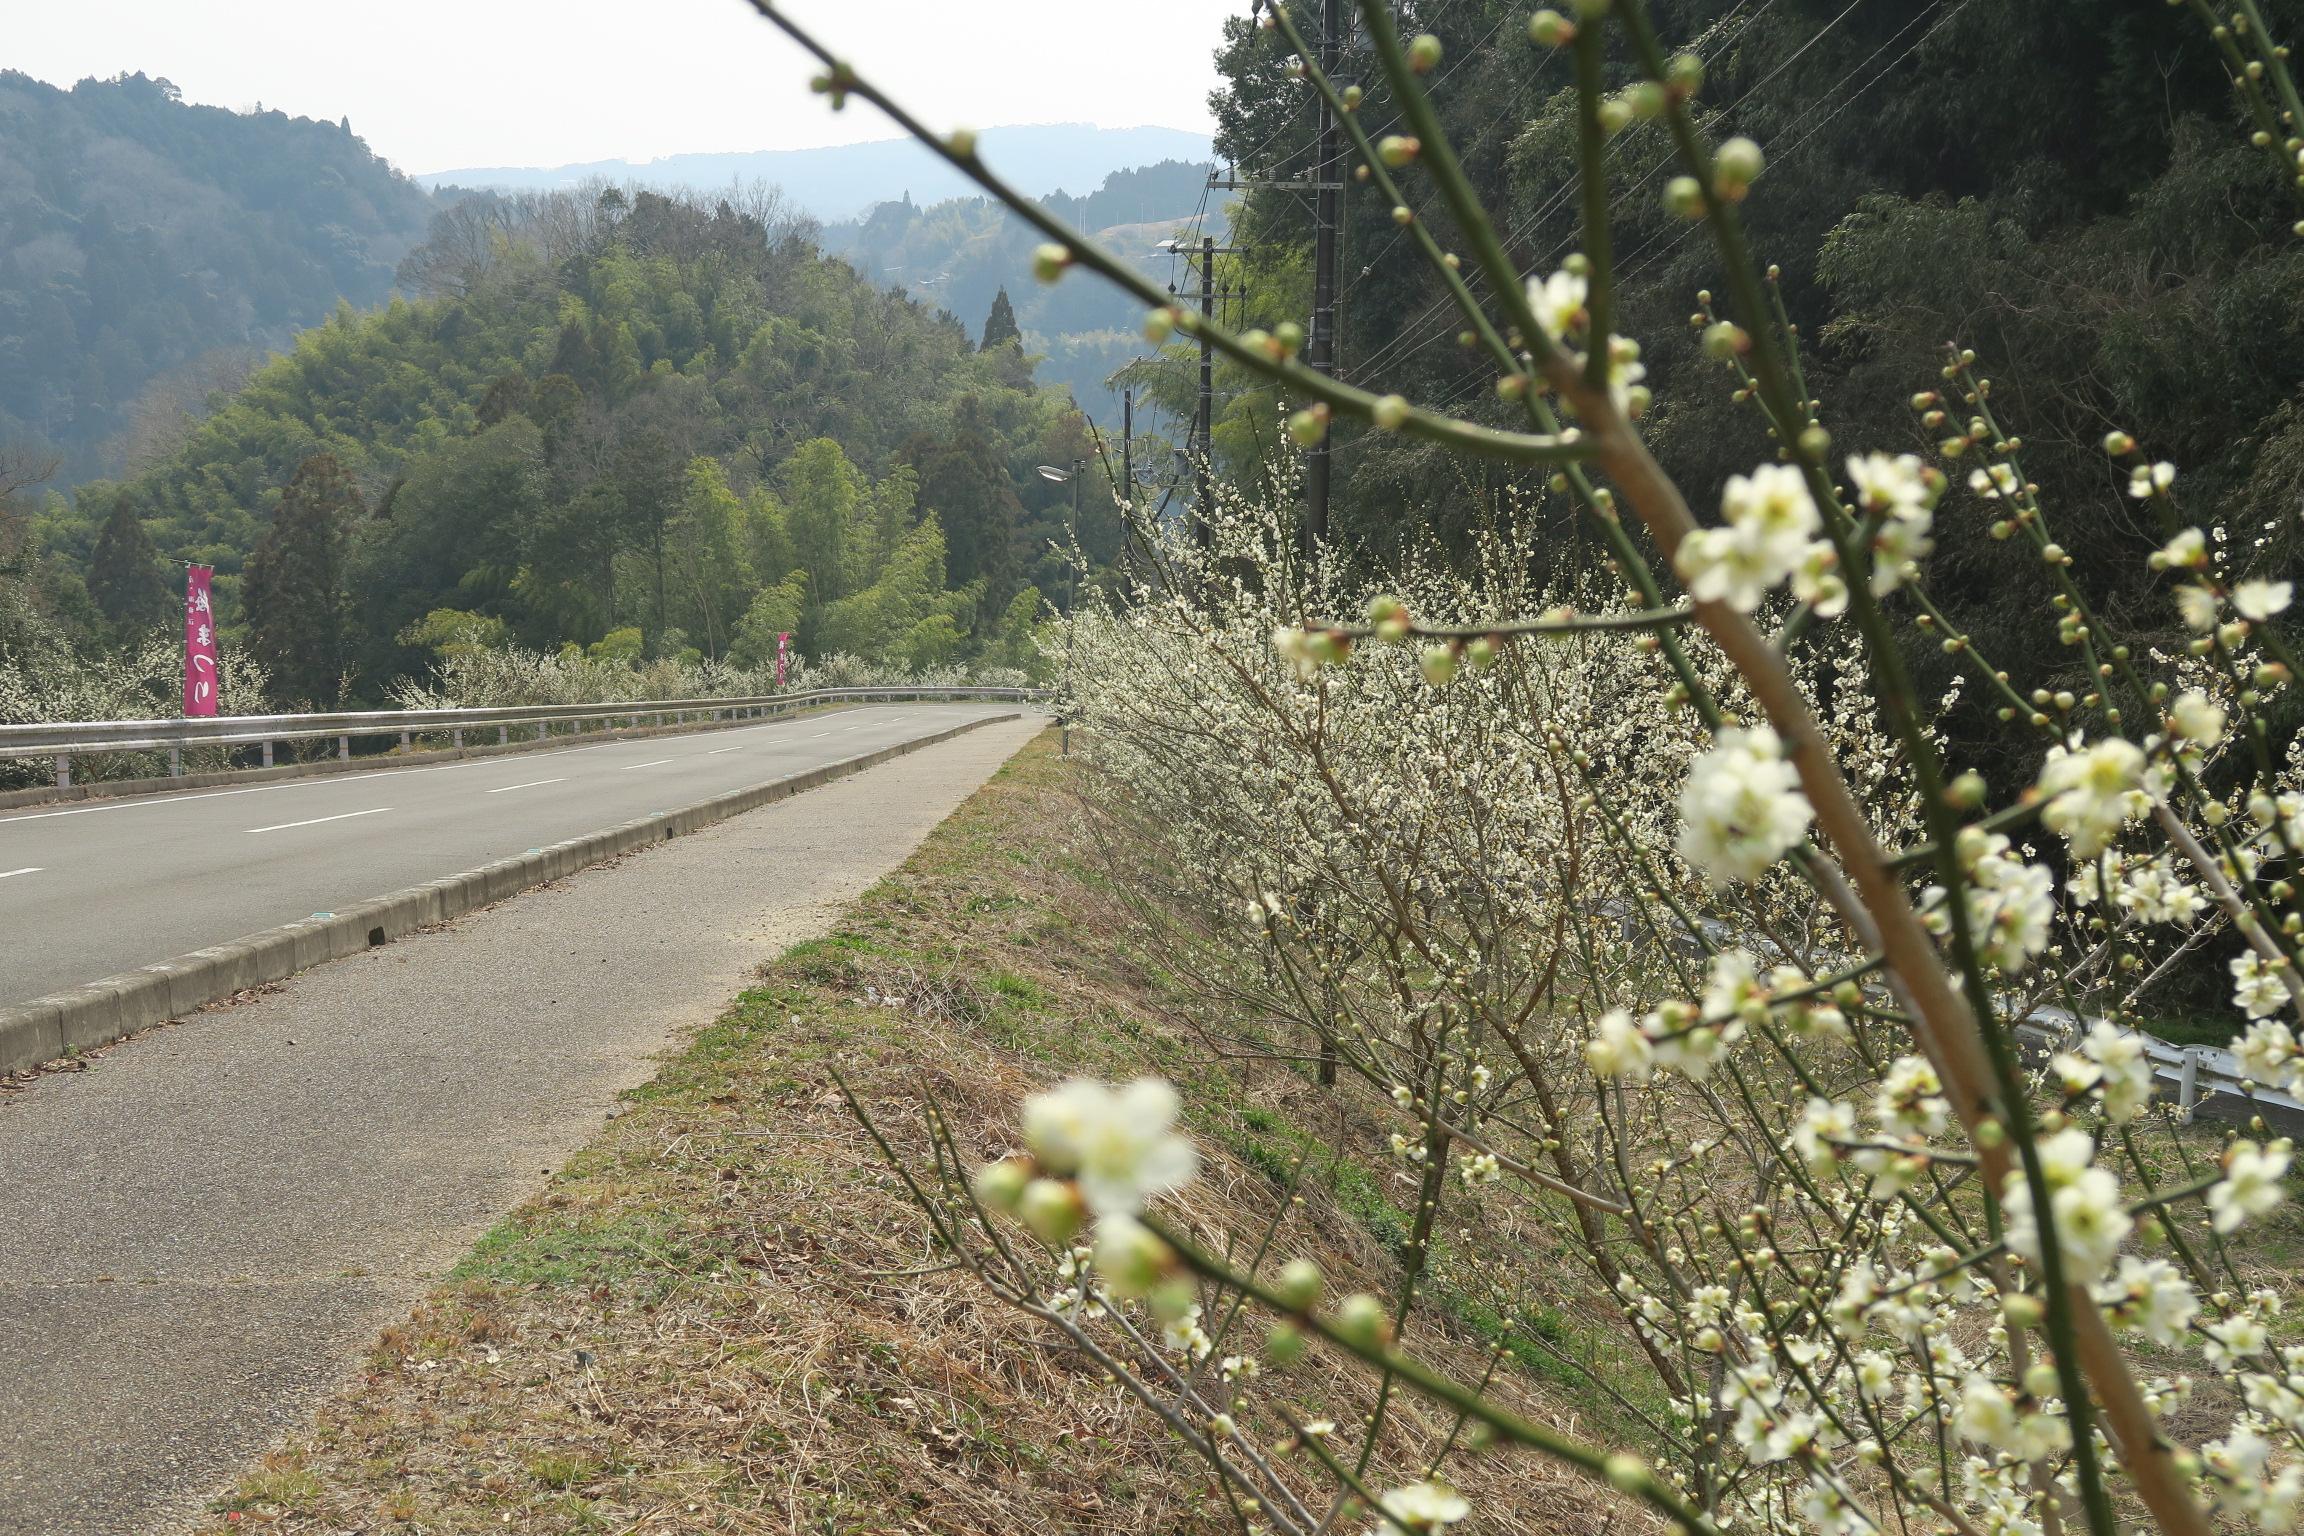 県道214号。歩道も整備されていて安心。景色は川沿いの県道82号が良かったです。(歩道なし)